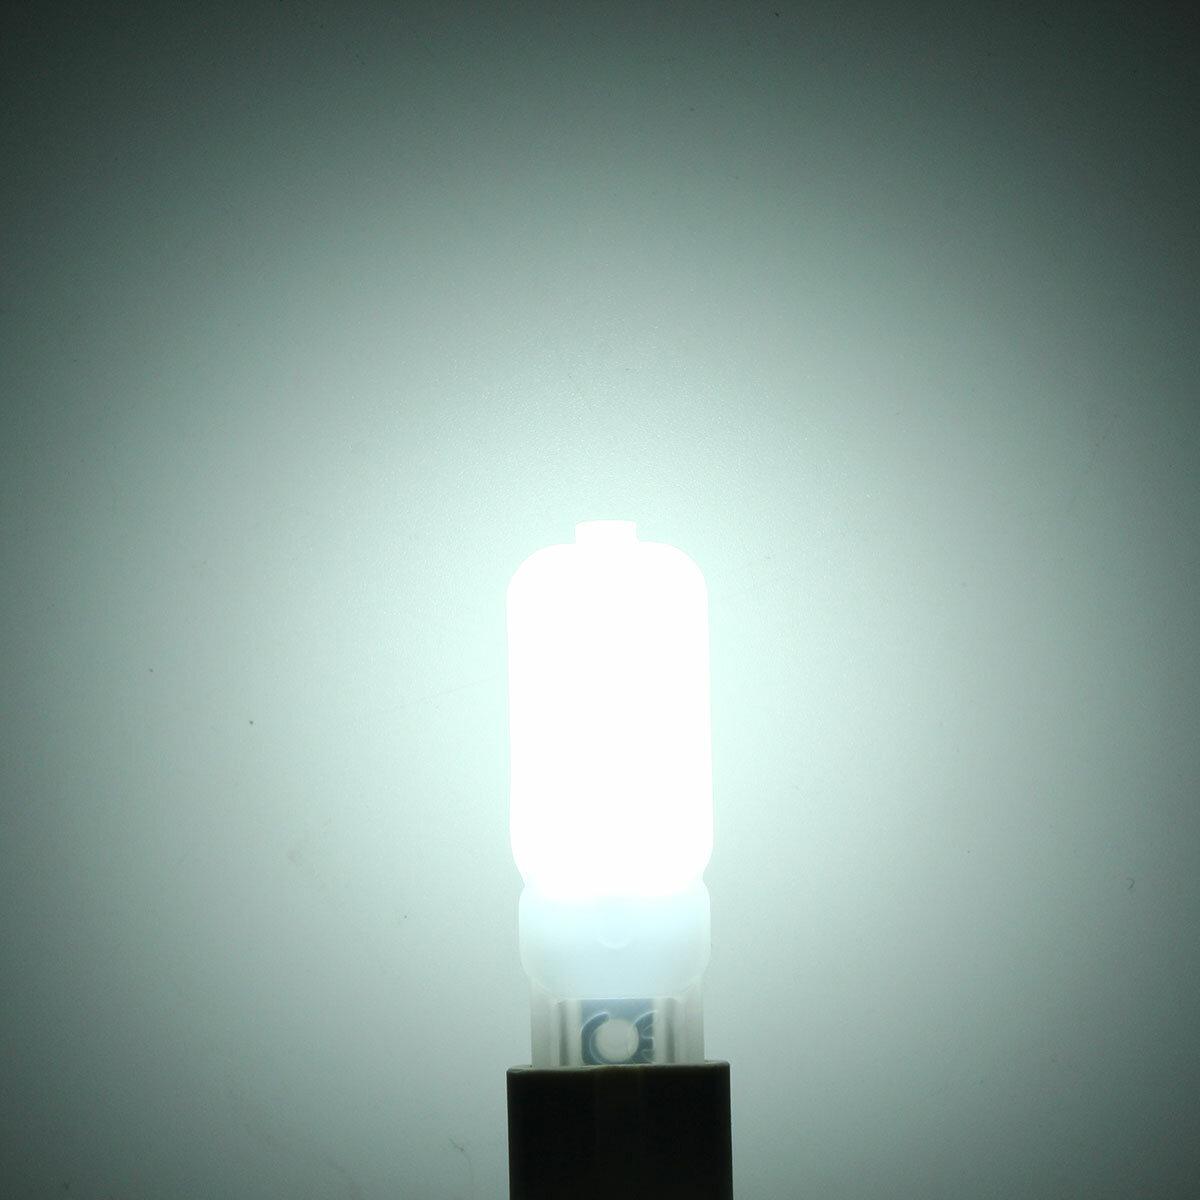 ARILUX® E14 G9 5W SMD2835 Pure White Warm White LED Corn Light Bulb No Flicker AC220V - 5